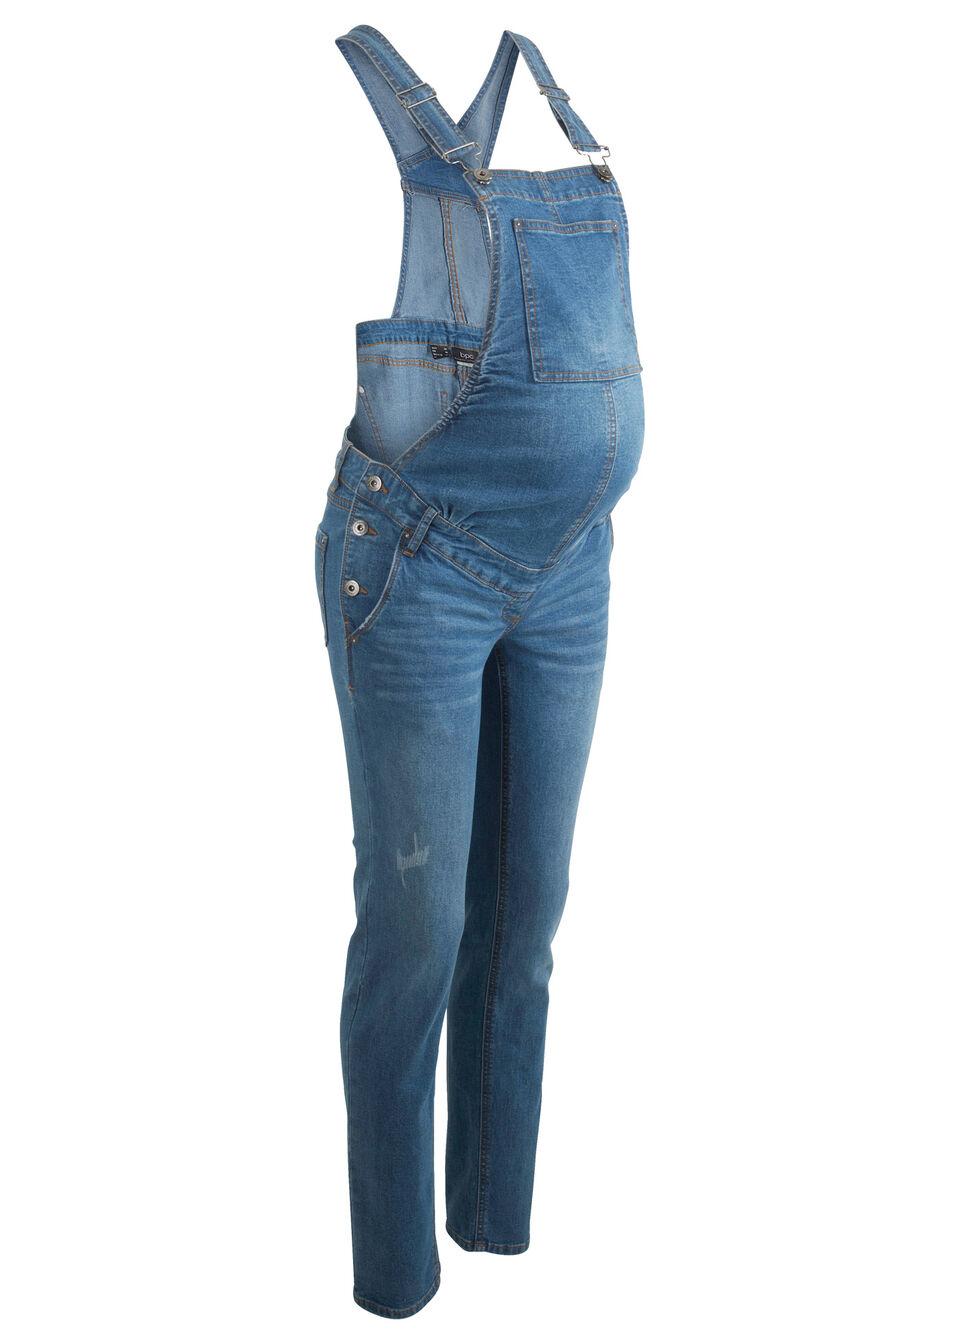 Для будуших мам: узкий джинсовый комбинезон